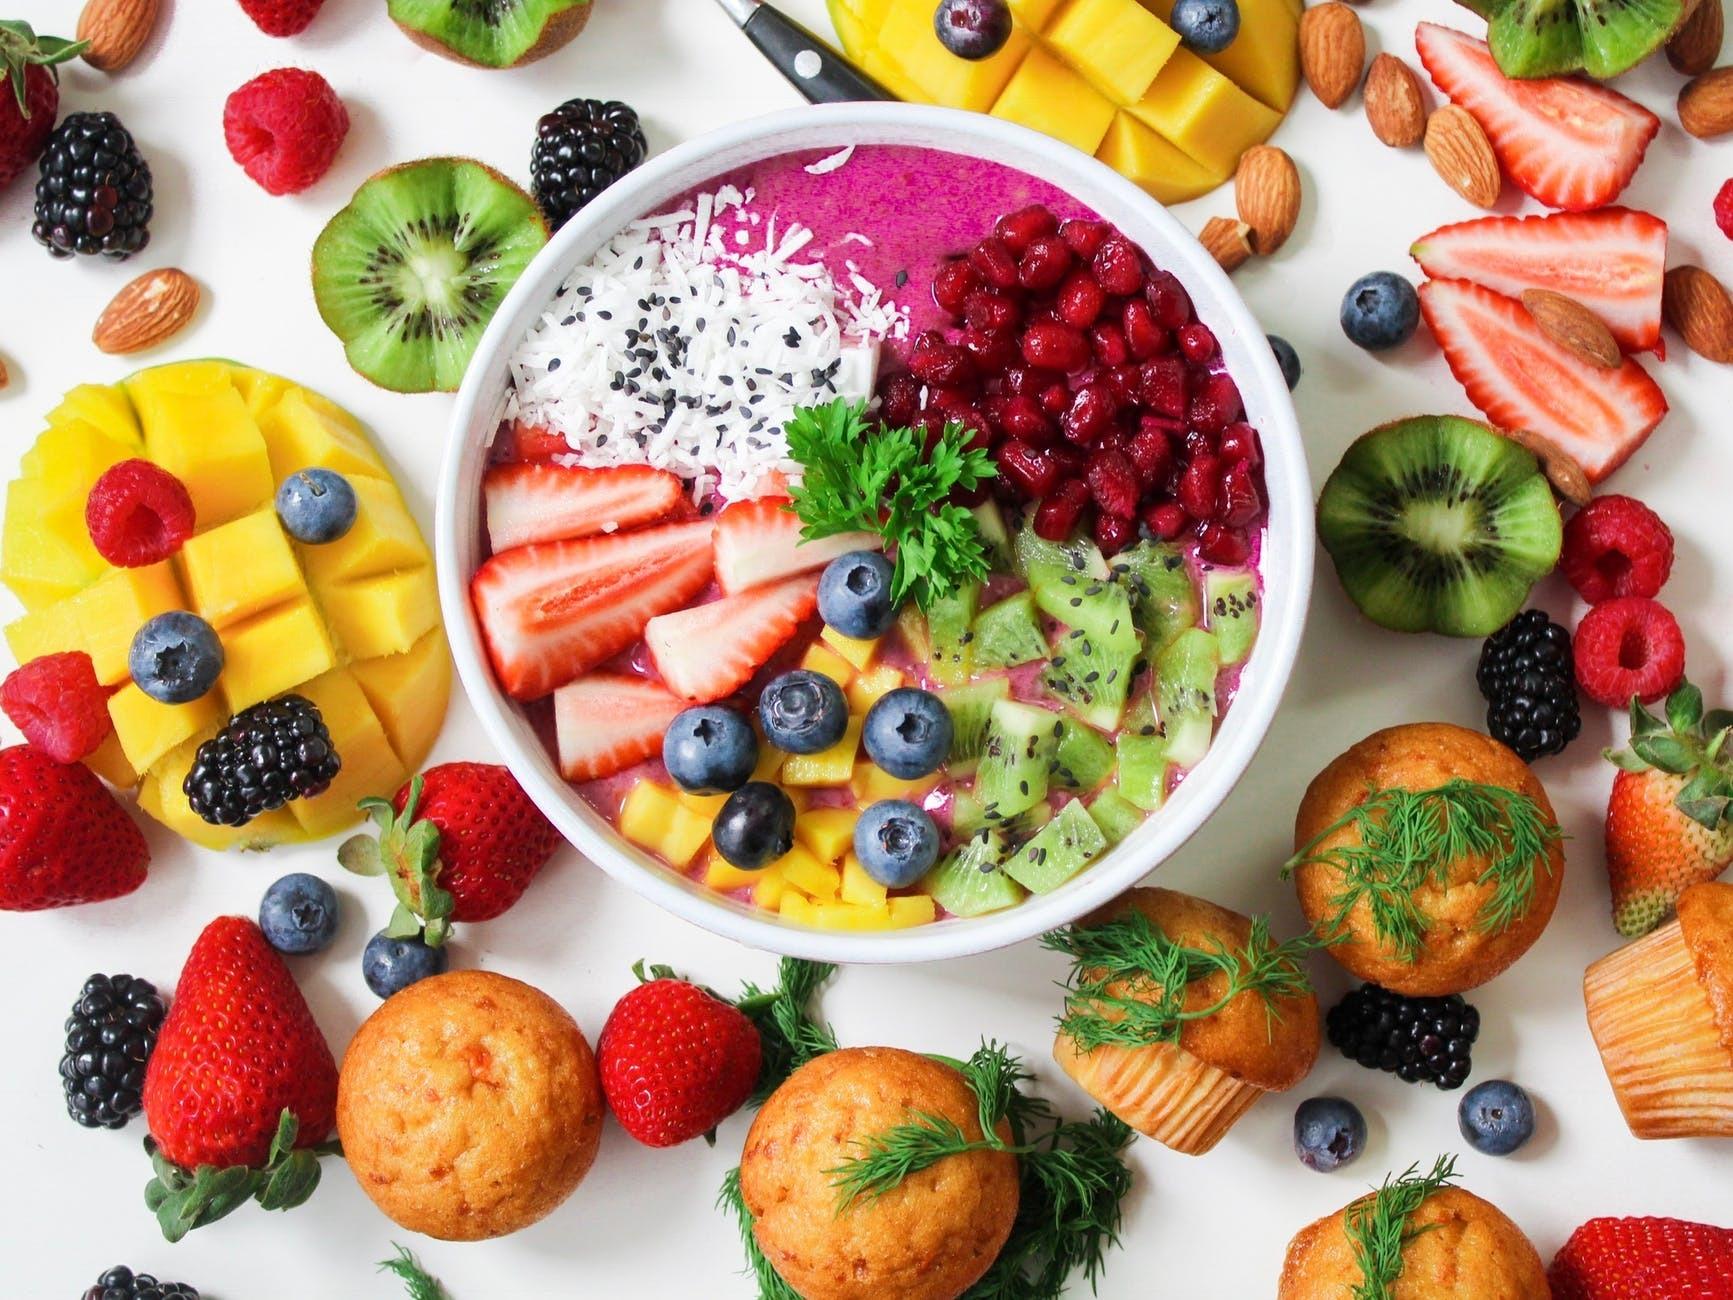 Полностью отказываться не нужно: диетолог развенчала главные мифы о сахаре при похудении